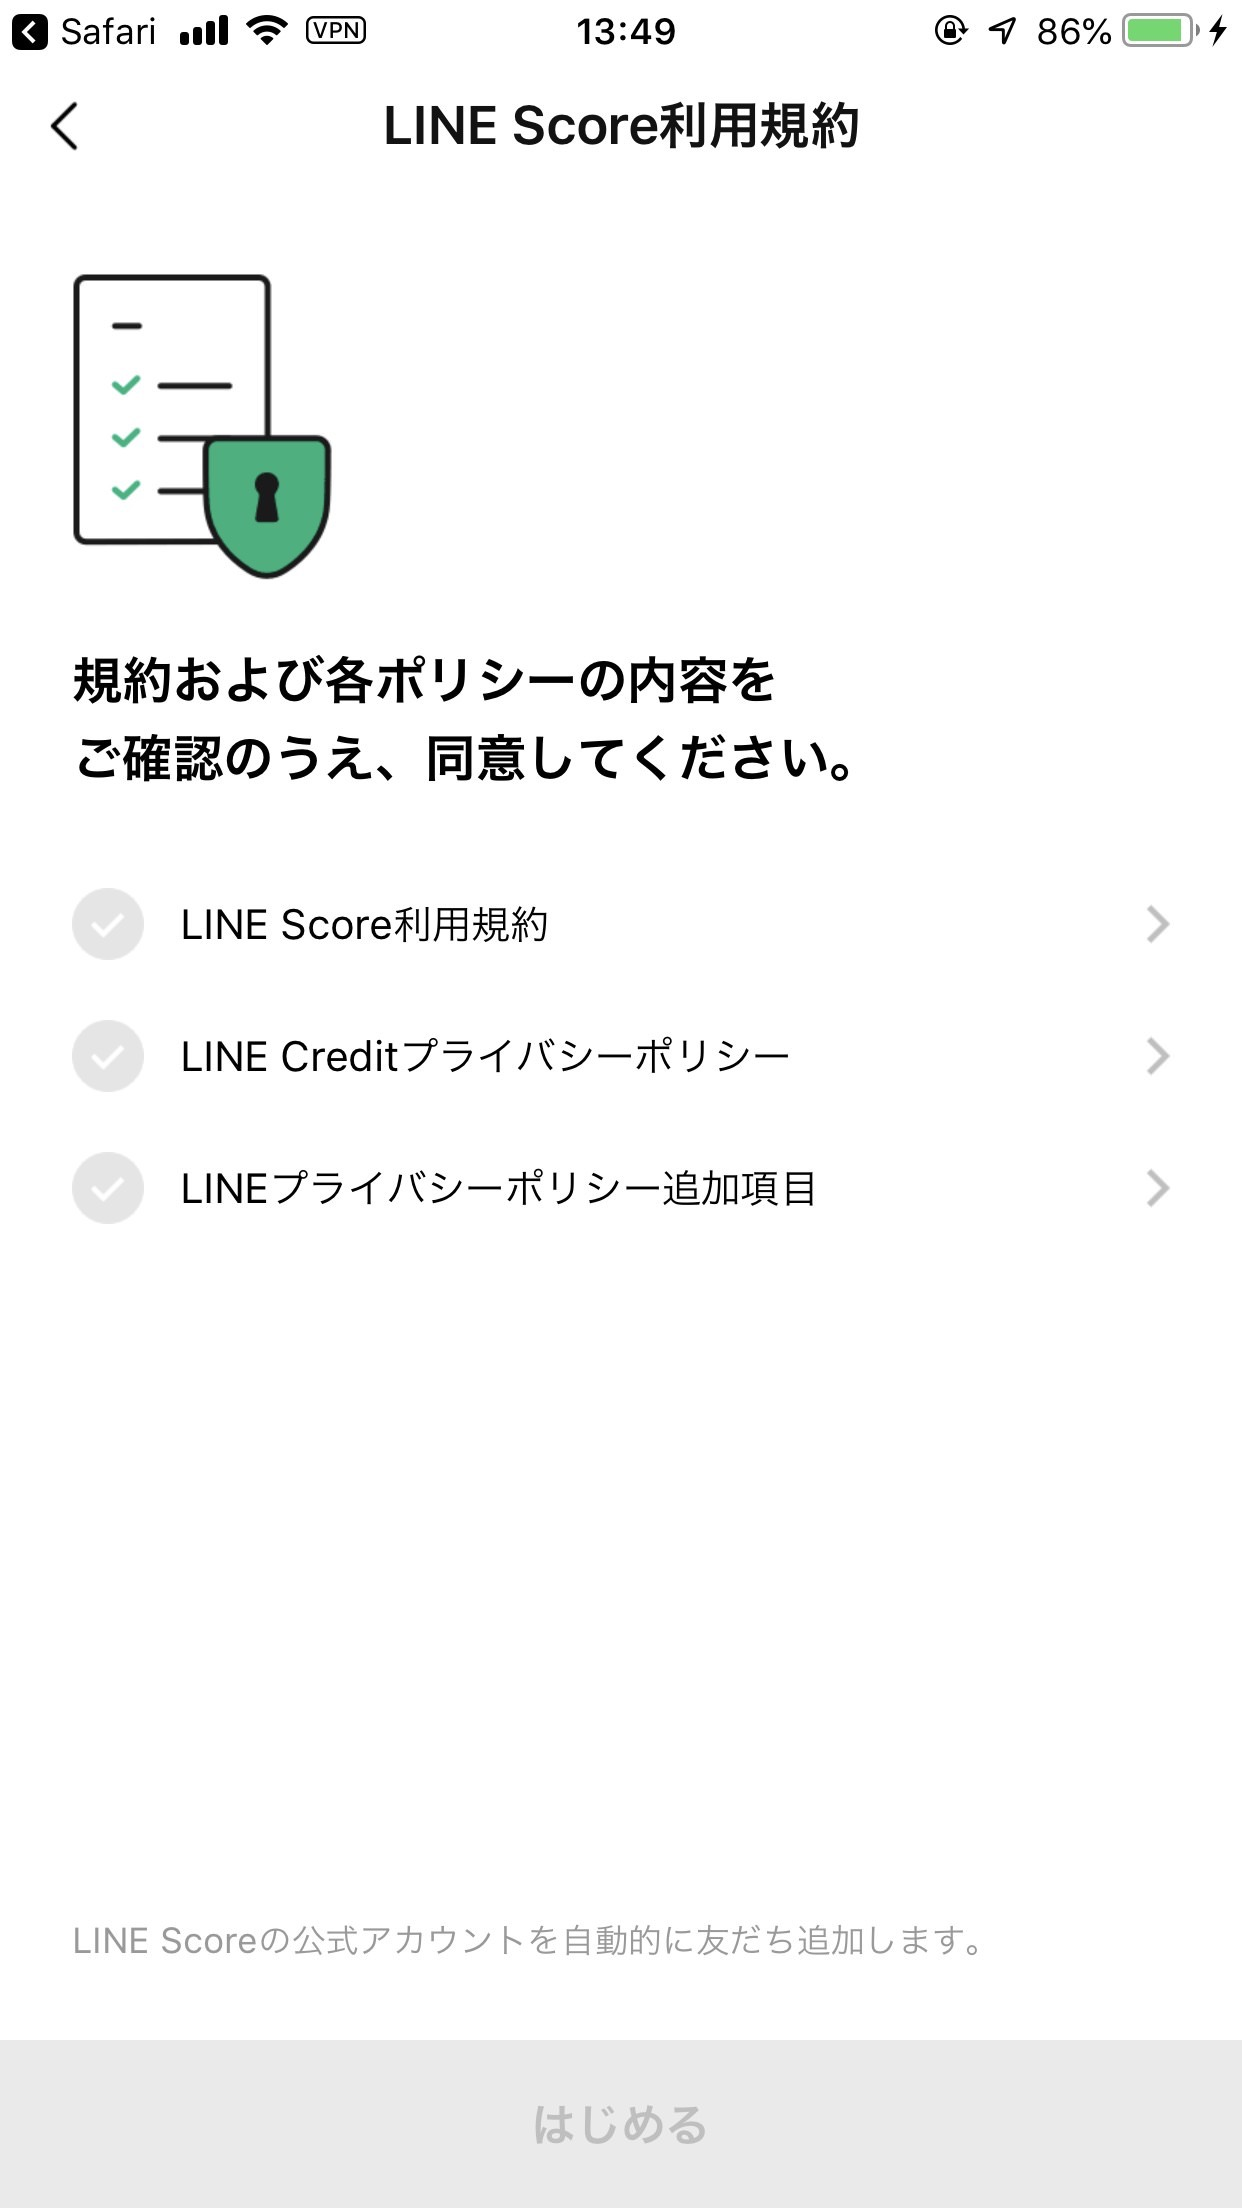 LINEの信用スコアサービス「LINE Score」早速スコア診断してみた